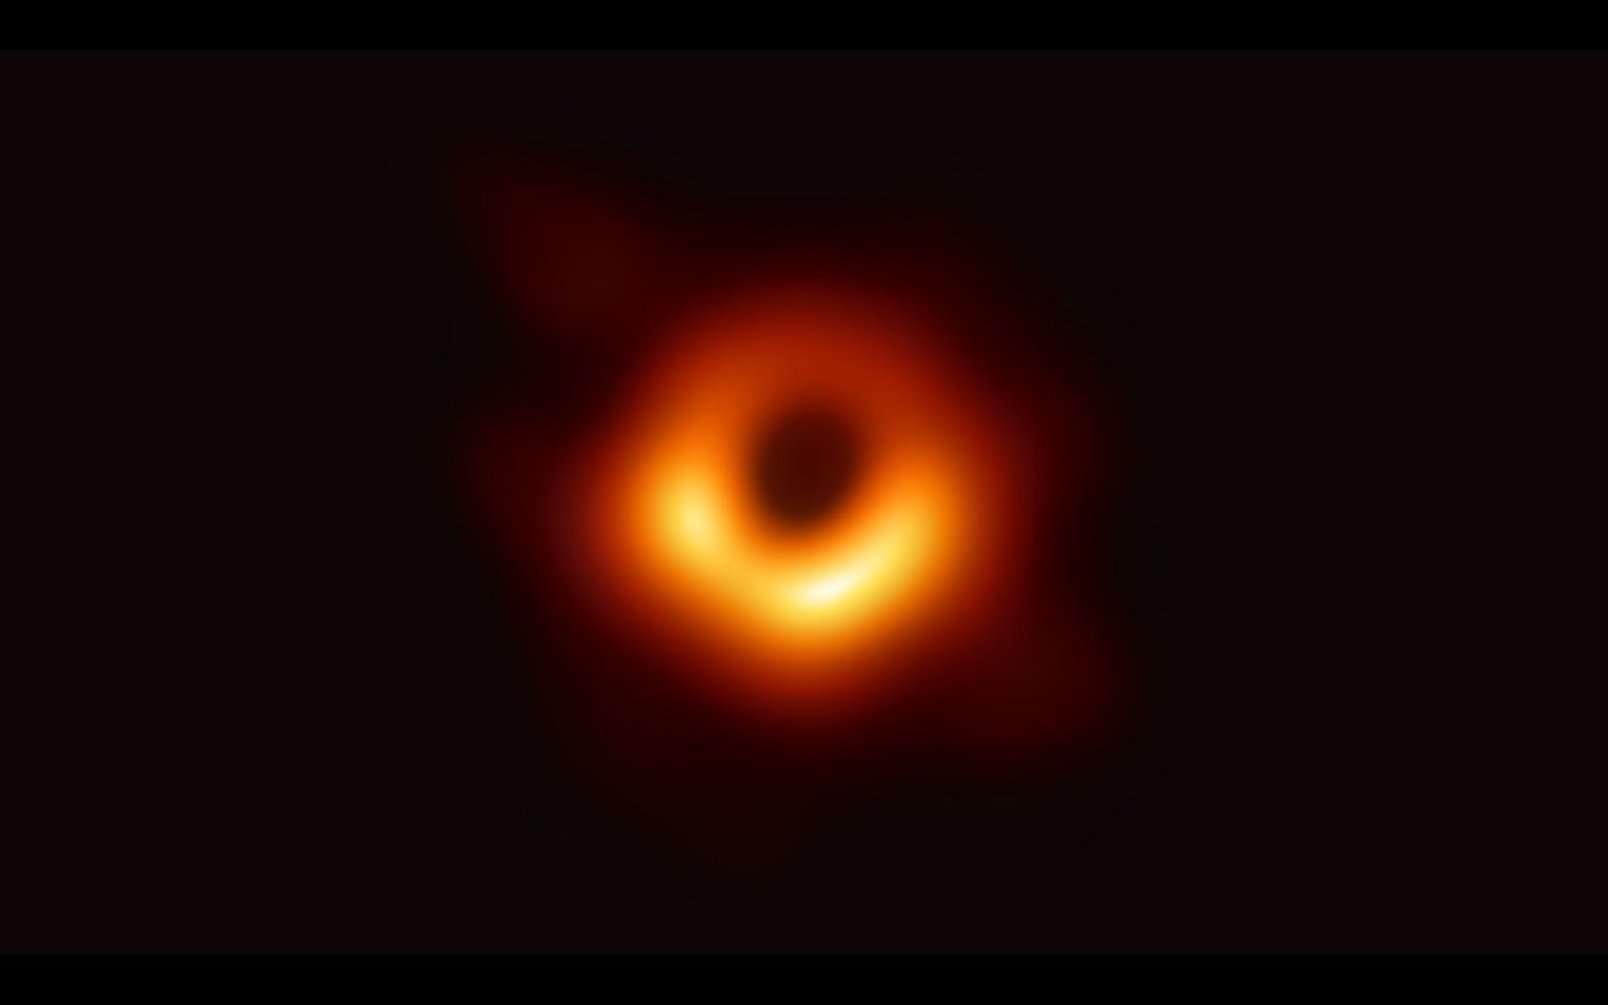 Le trou noir de la Galaxie M87. © Event Horizon Telescope